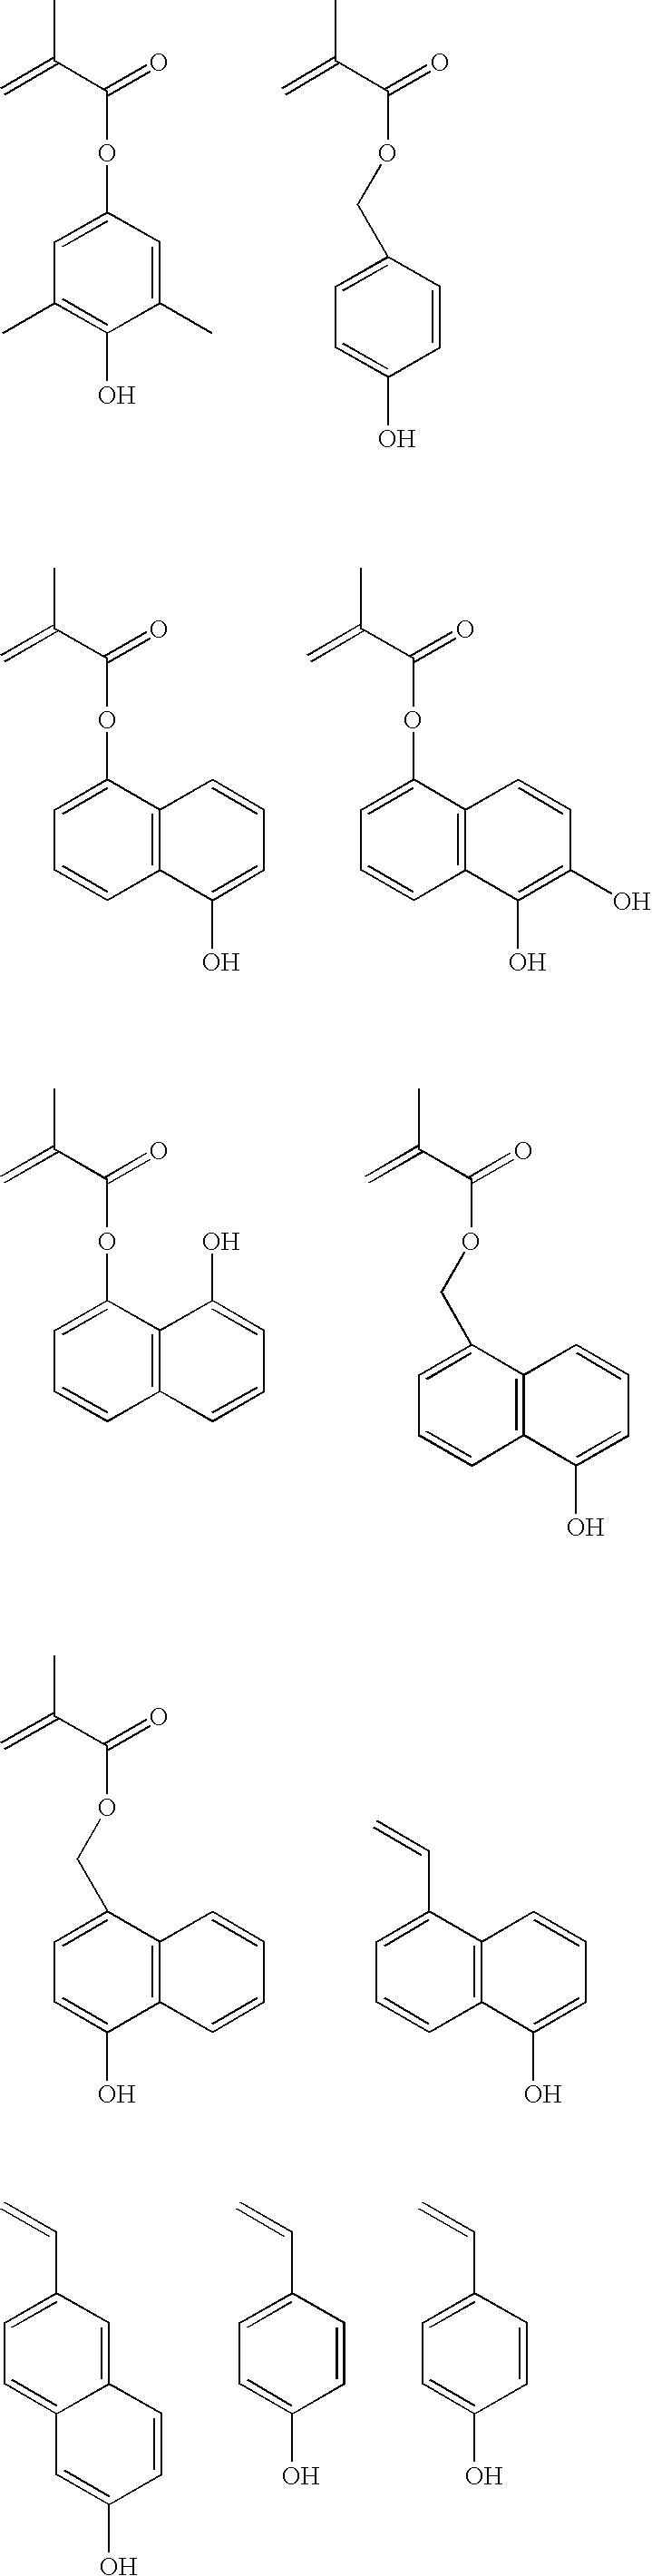 Figure US08129086-20120306-C00032